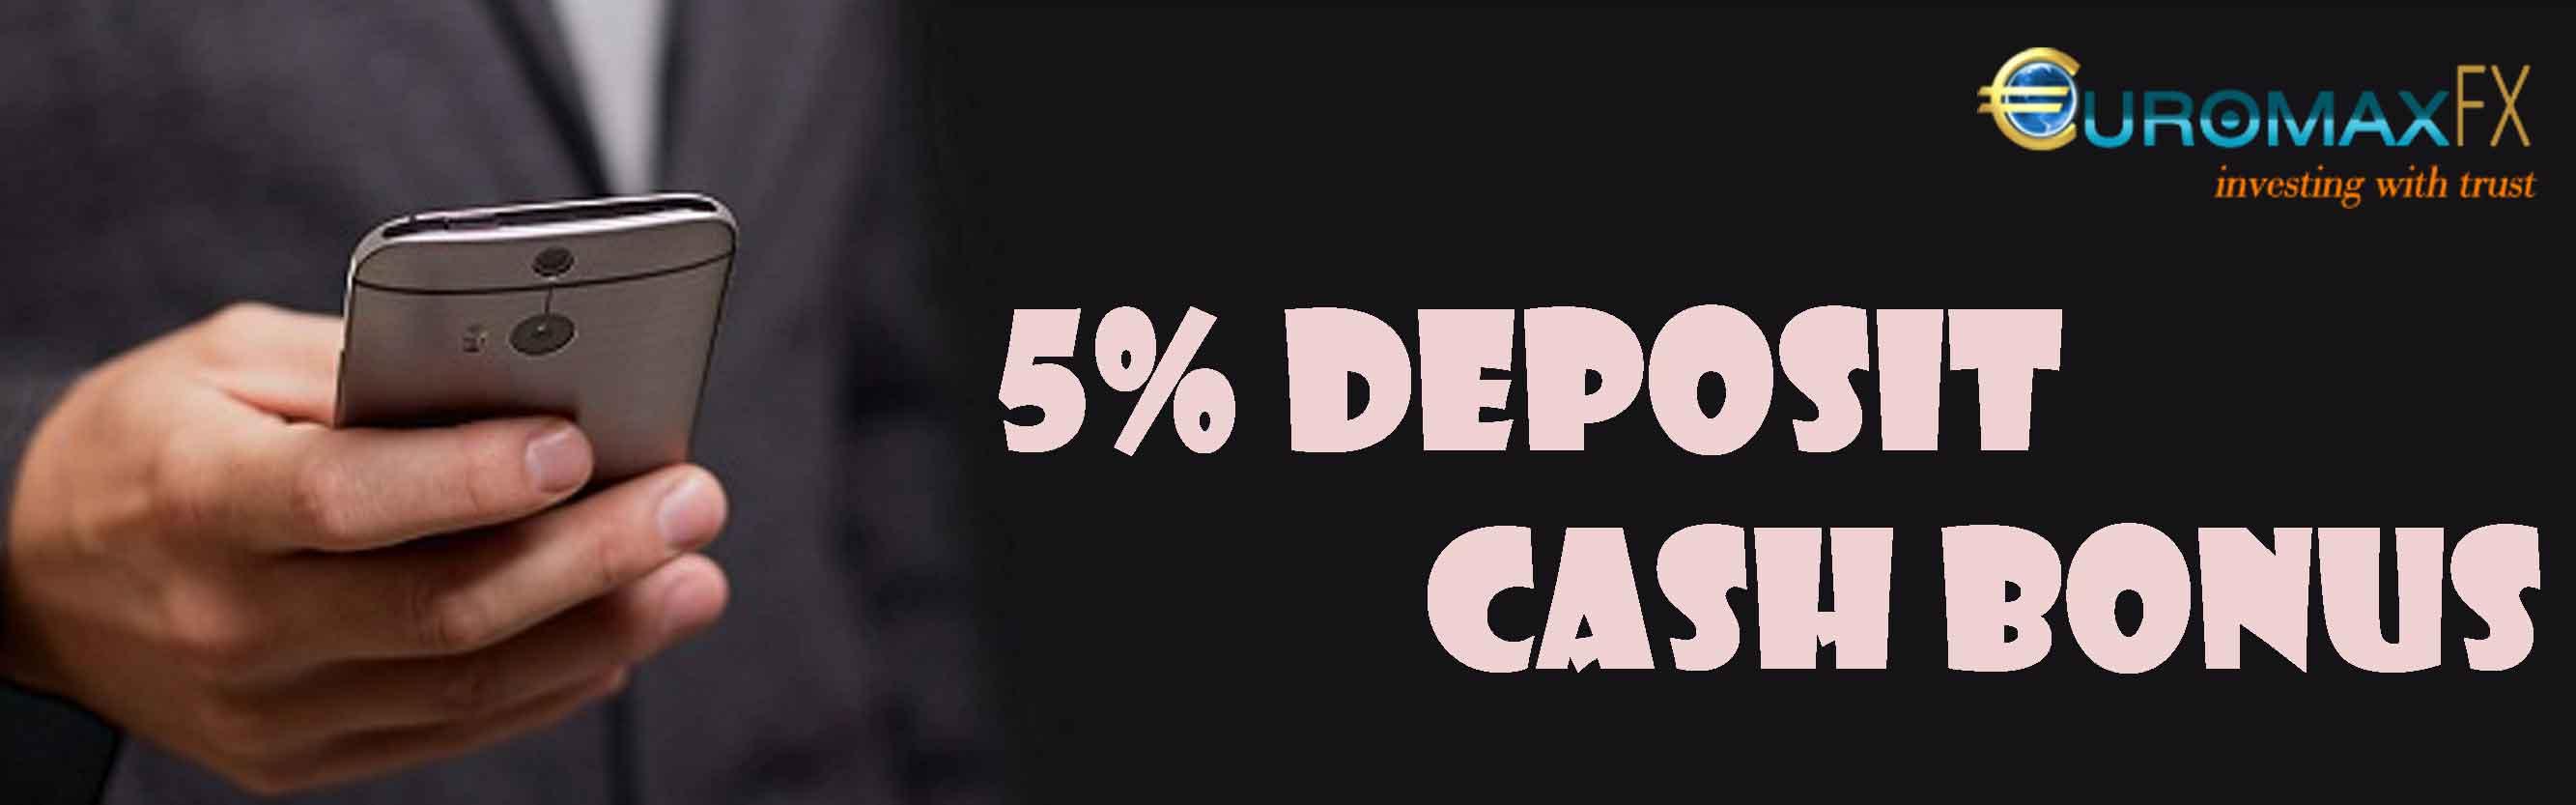 euromaxfx Deposit Cash Bonus